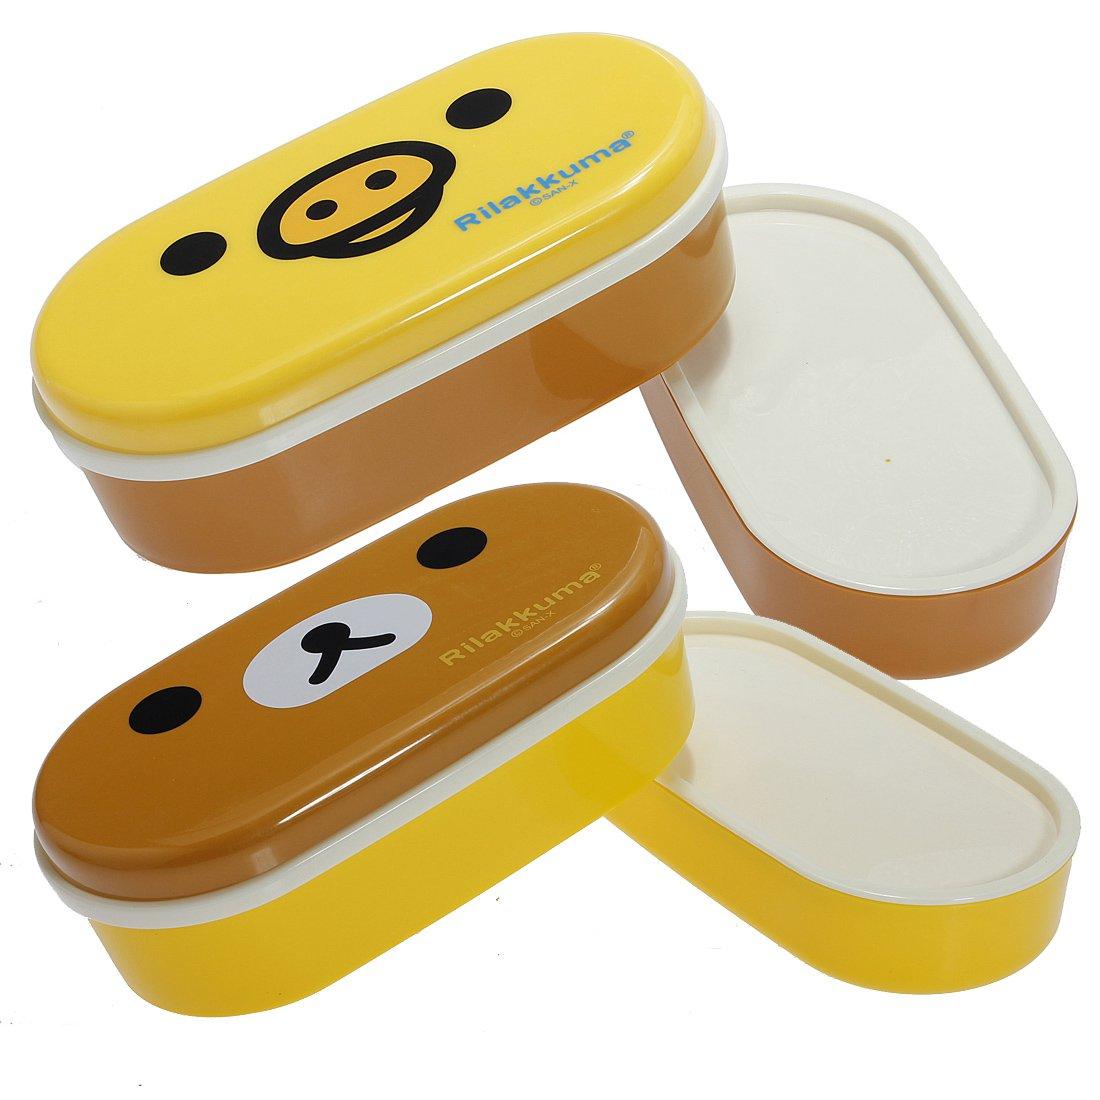 Bento, lunch box, contenitore per alimenti, impilabile, con bacchette birra BestMall Co. LTD Others